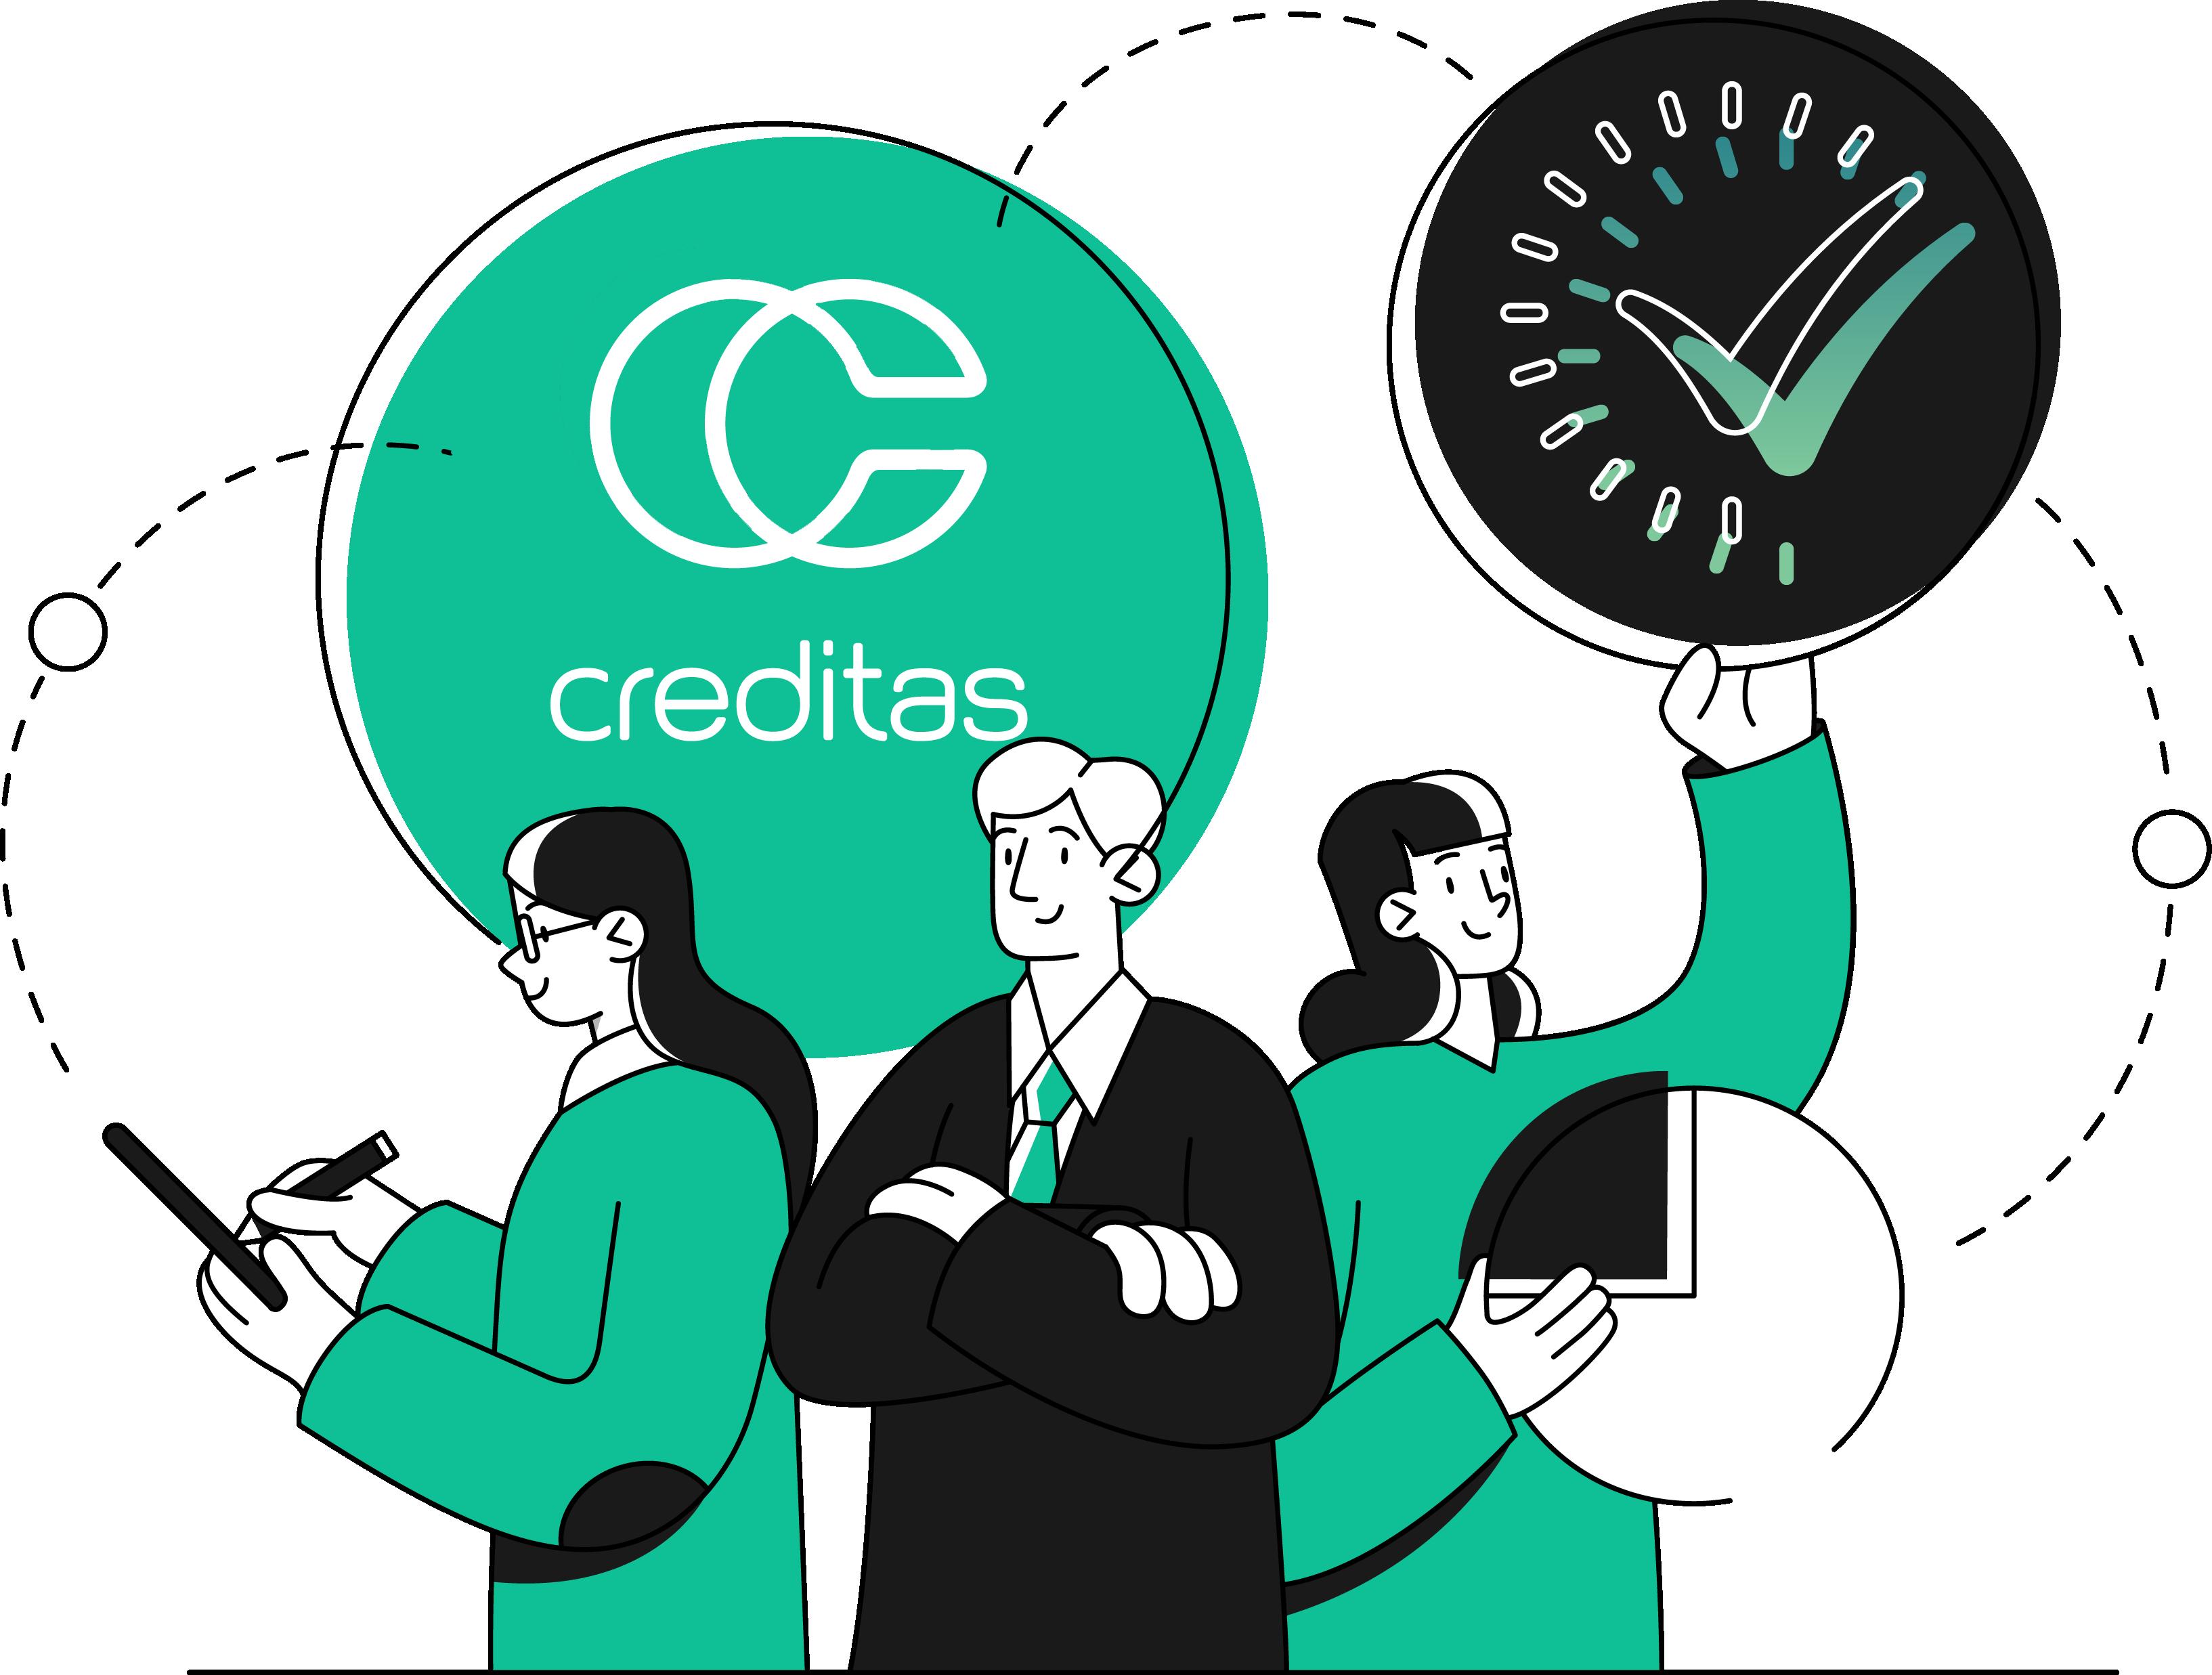 pontomais e creditas